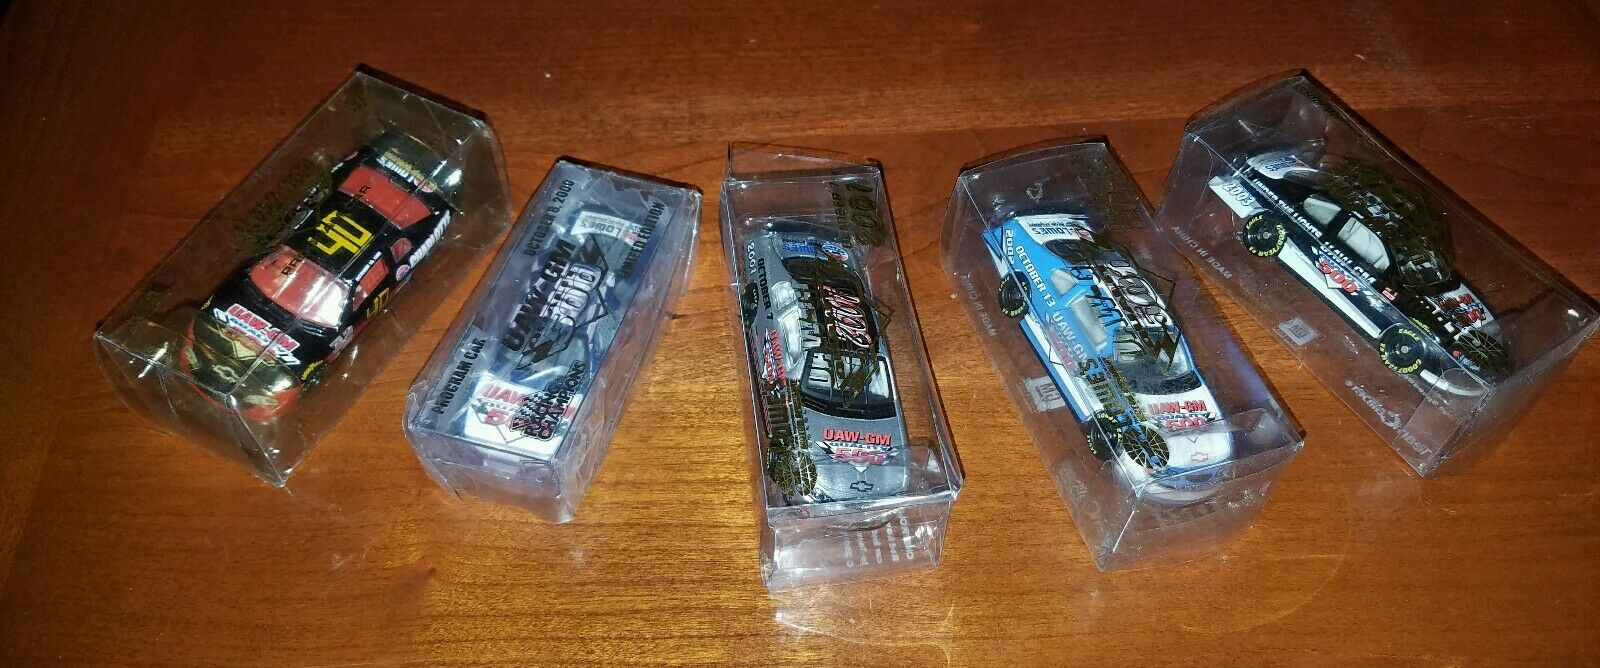 NASCAR UAW-GM 500 Lowes Charlotte Motor Speedway 1 64 1999-03 Program Cars